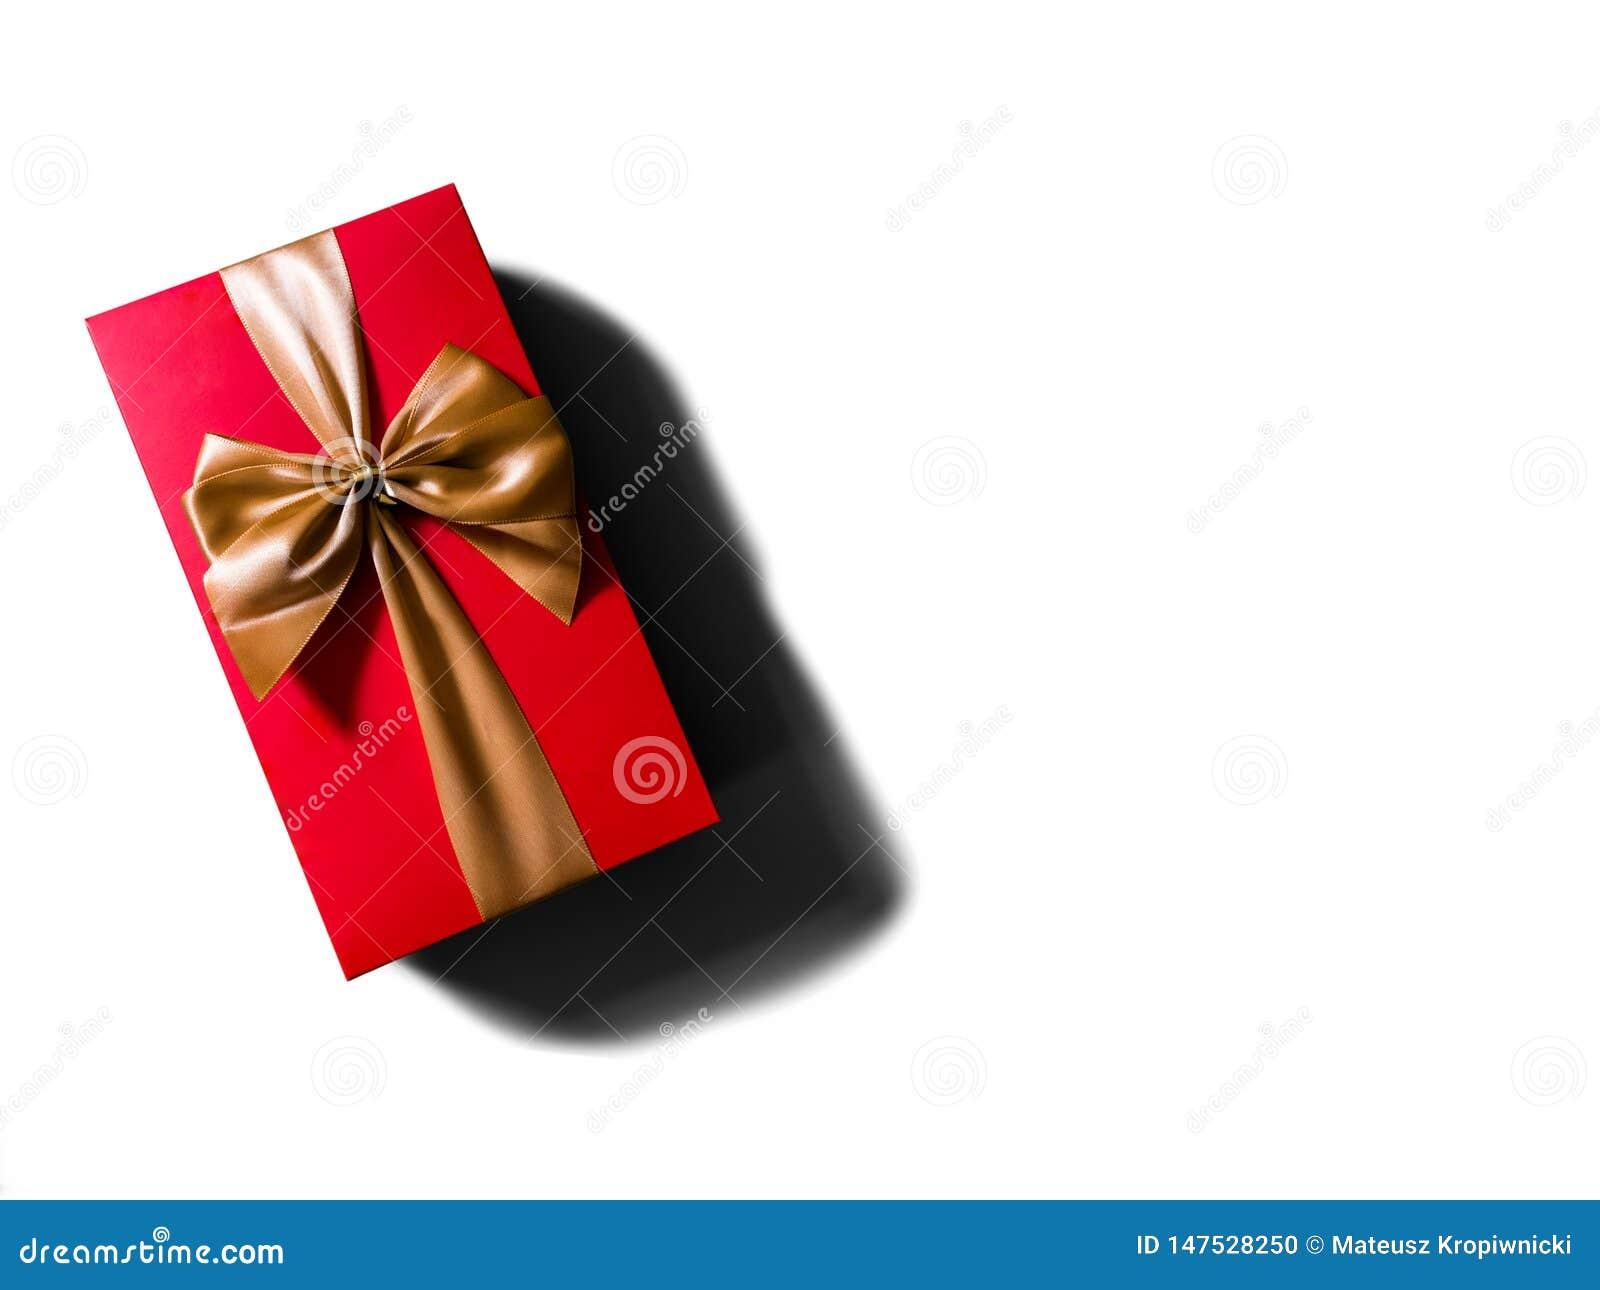 Έννοια ή ιδέα της επίπεδης άποψης του κόκκινου κιβωτίου δώρων με τη χρυσό κορδέλλα ή το τόξο